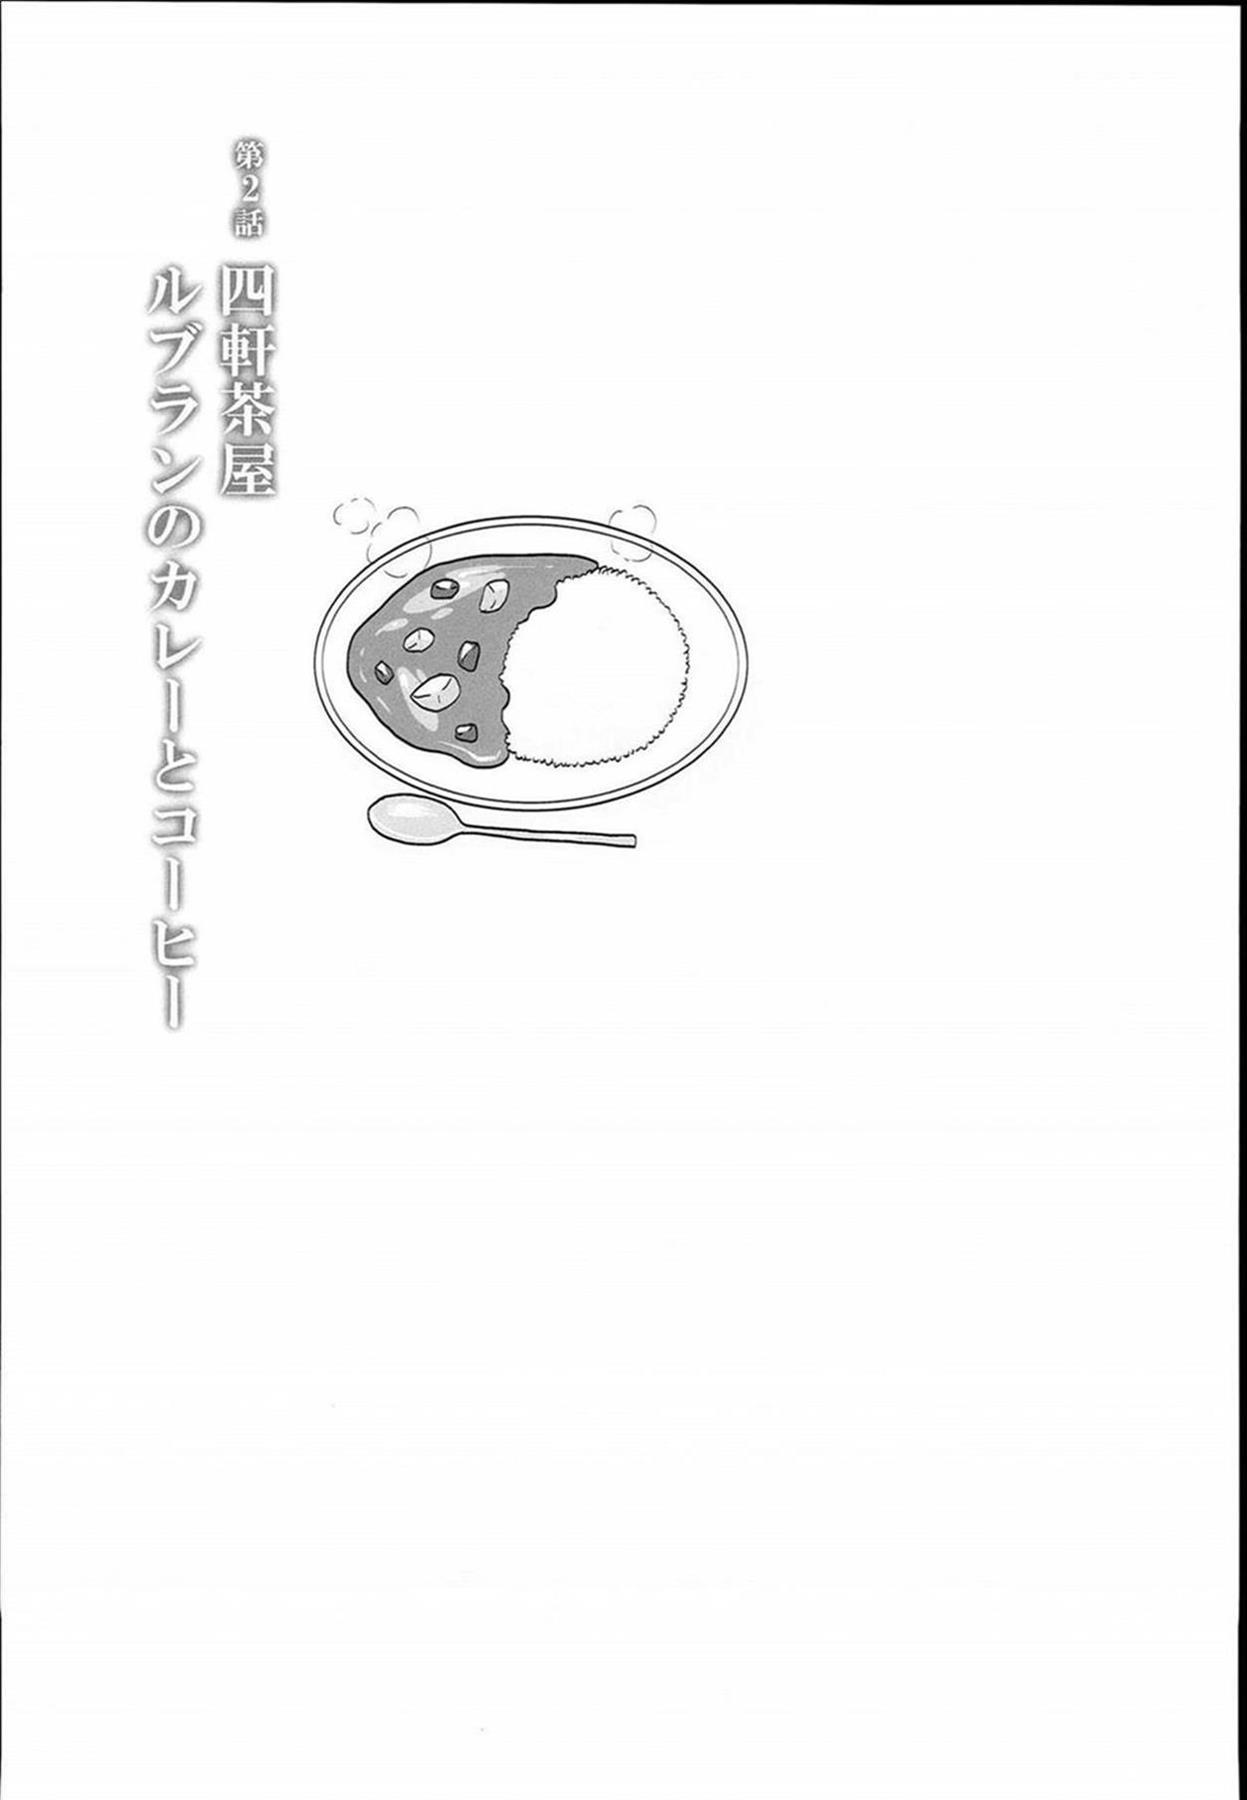 FFやペルソナ、龍が如くの世界を井之頭五郎が渡り歩くコメディwww【よろず エロ漫画・エロ同人】 (8)